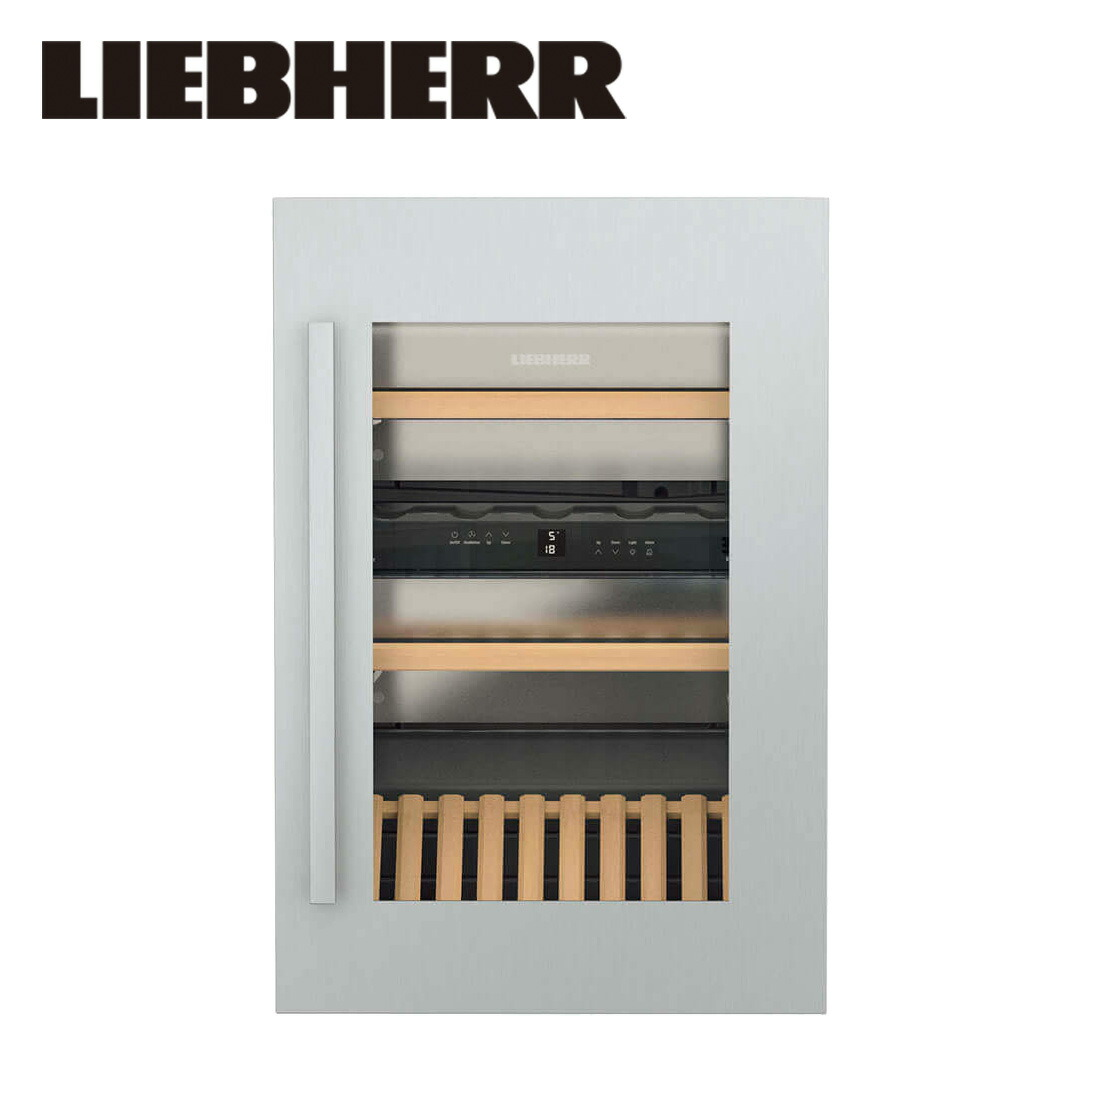 【一都三県は送料・開梱設置無料】リープヘル ワインキャビネット LIEBHERR EWTdf1653 Vinidor 117L ビルトイン Built-in Wine Cabinet【代引不可】